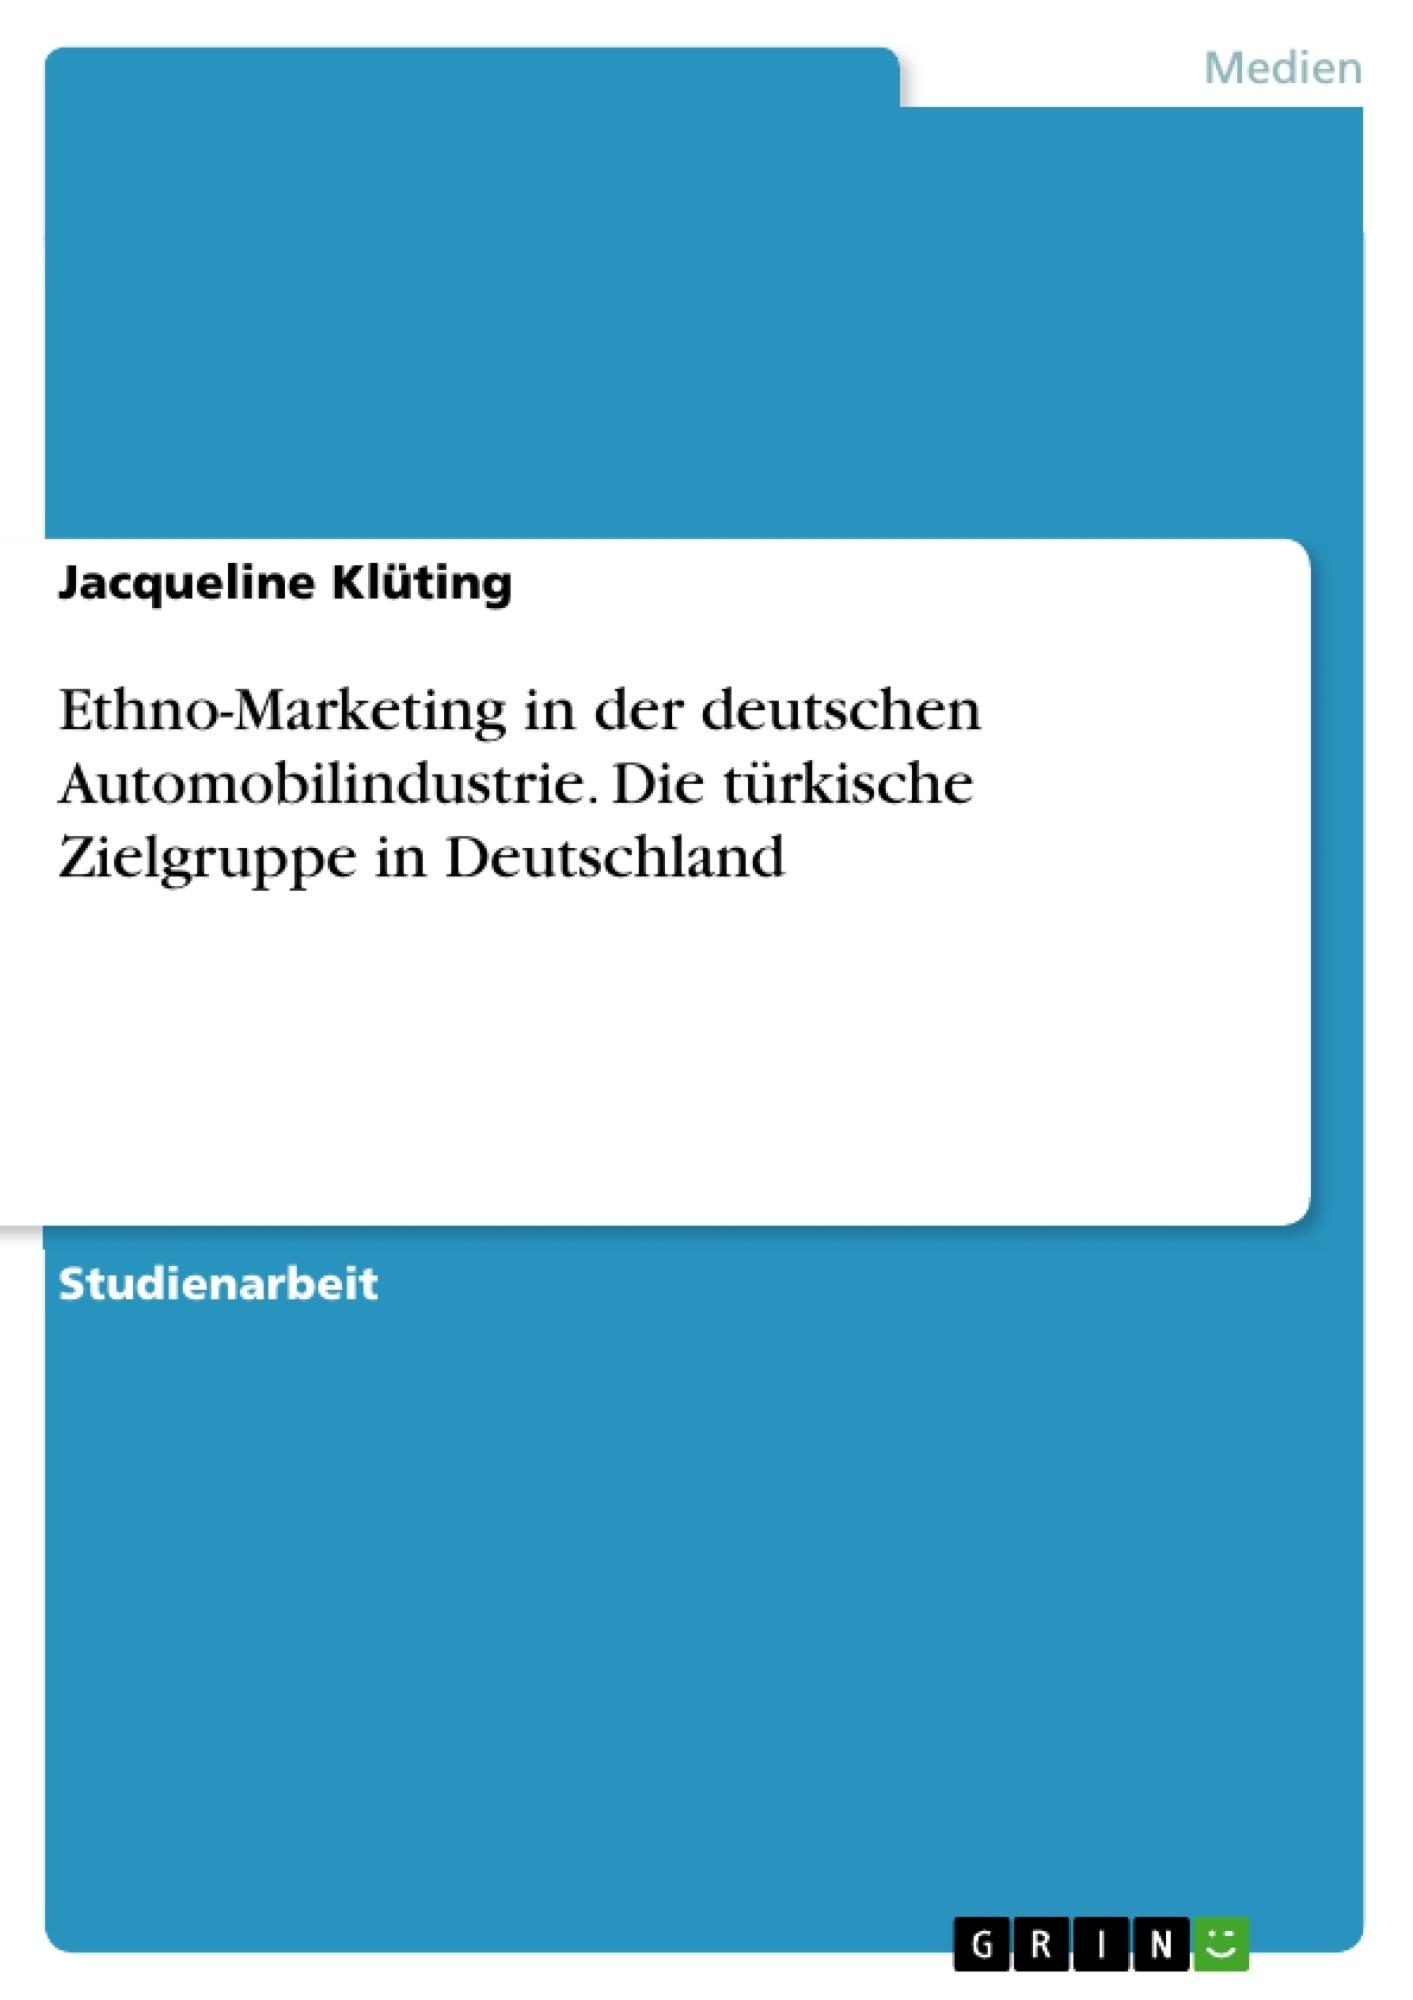 Titel: Ethno-Marketing in der deutschen Automobilindustrie. Die türkische Zielgruppe in Deutschland